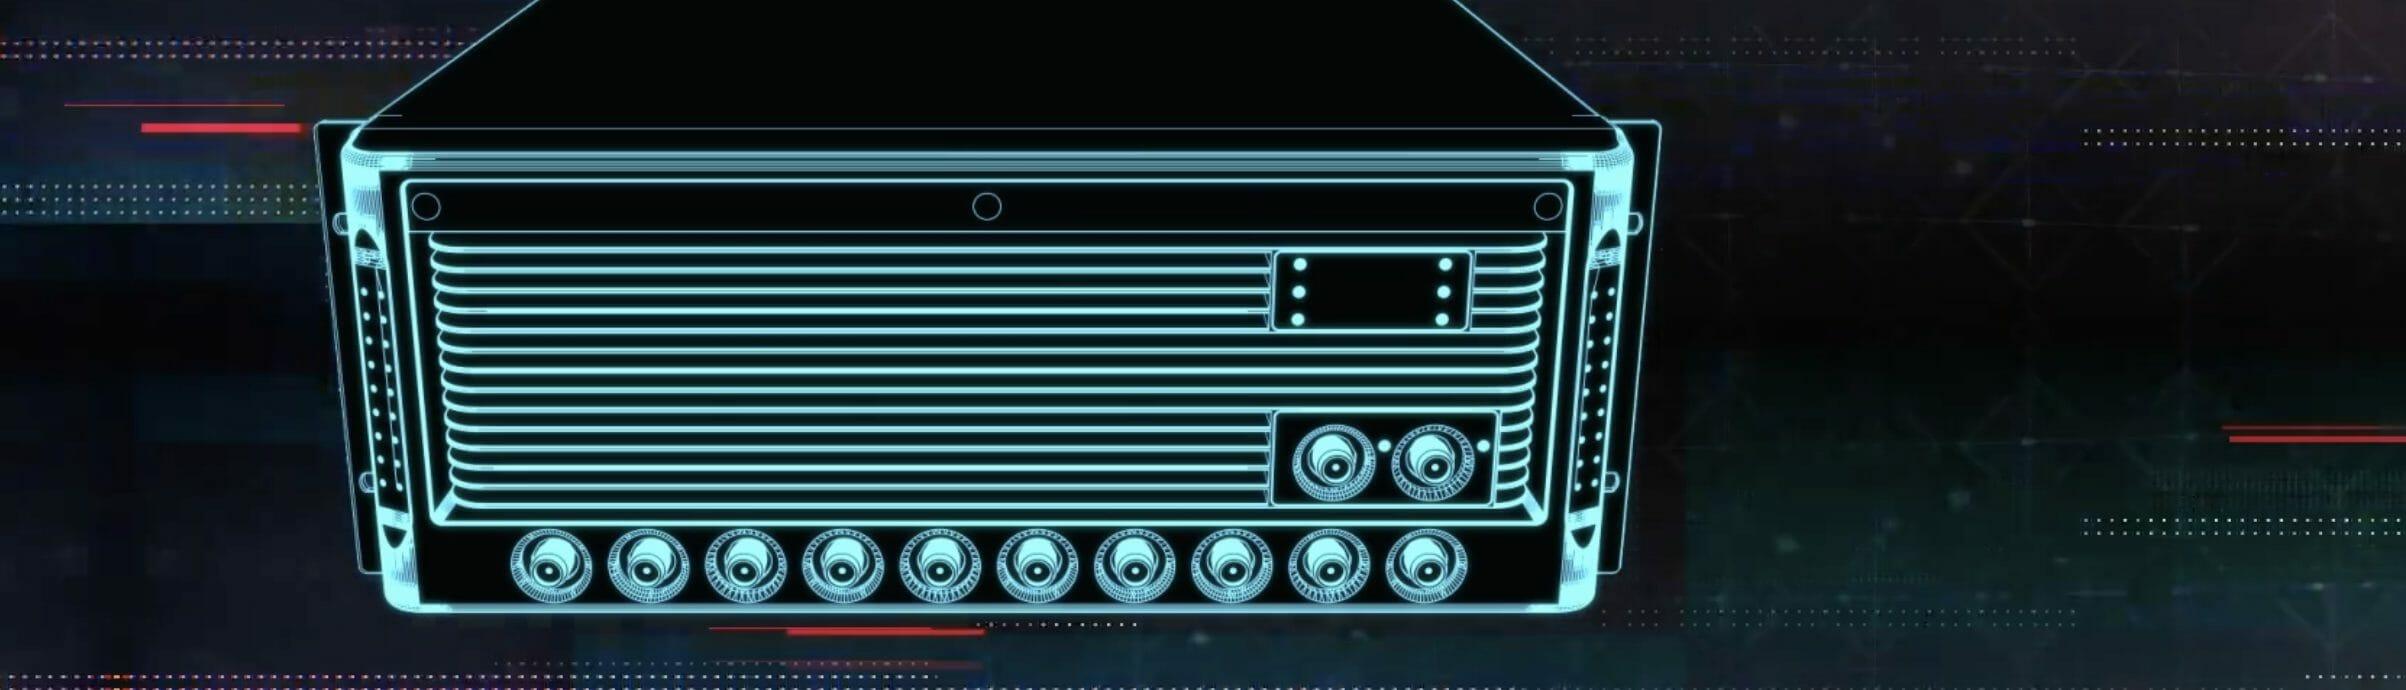 Spirent GSS9000